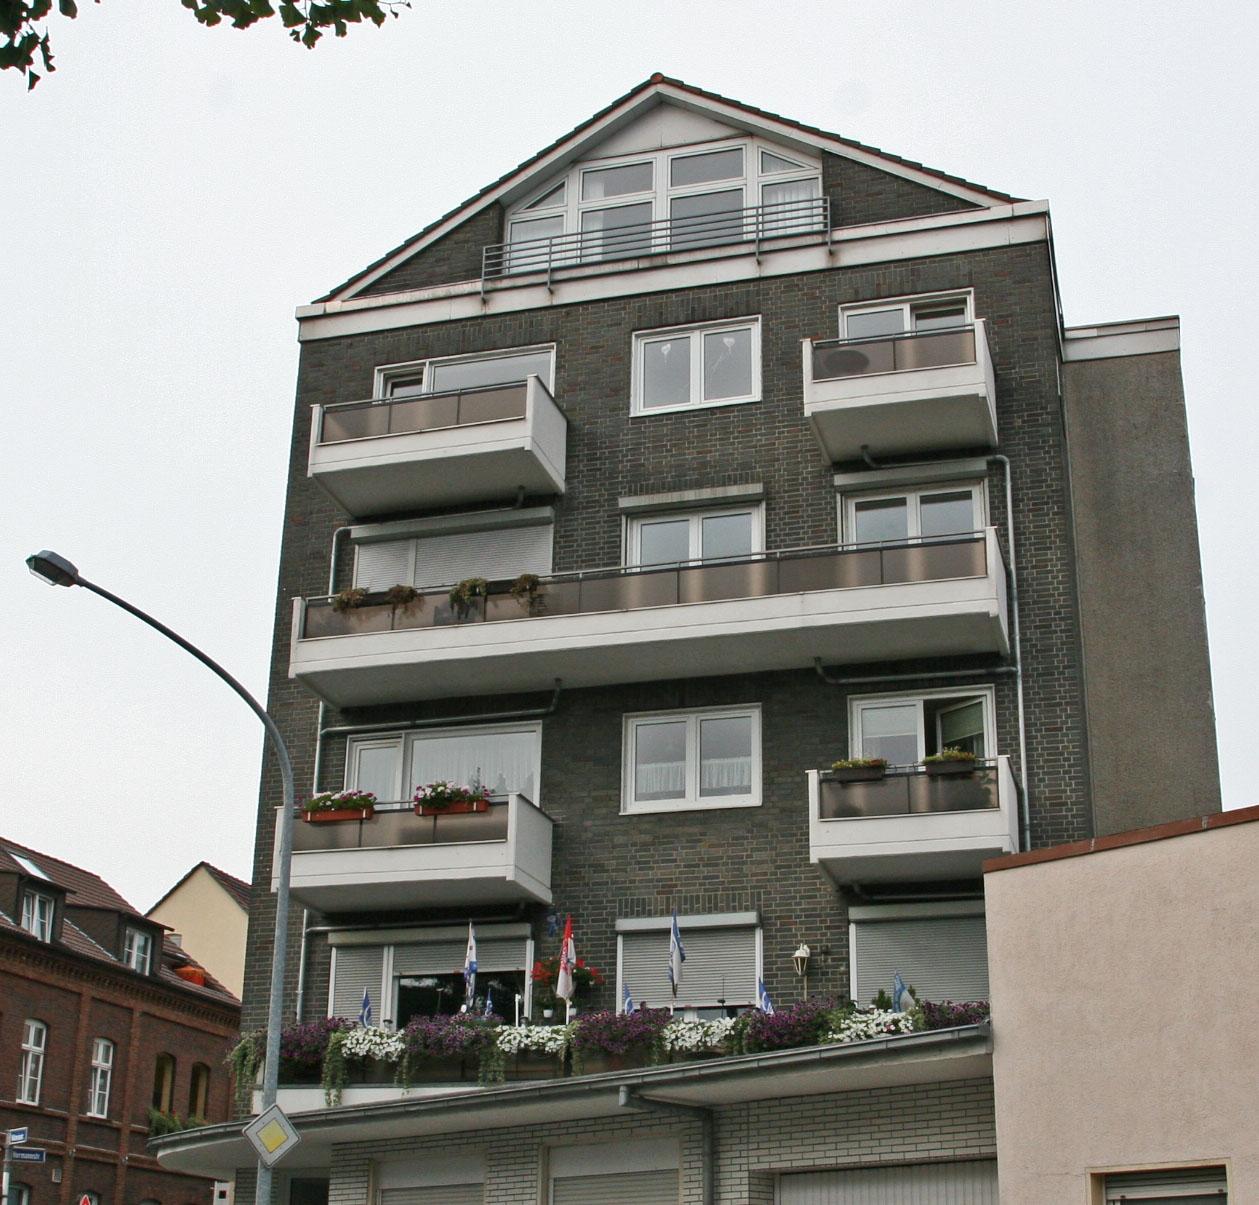 Haus Kaufen In Bad Essen Immobilienscout24: Große Eigentumswohnung In Essen-Katernberg